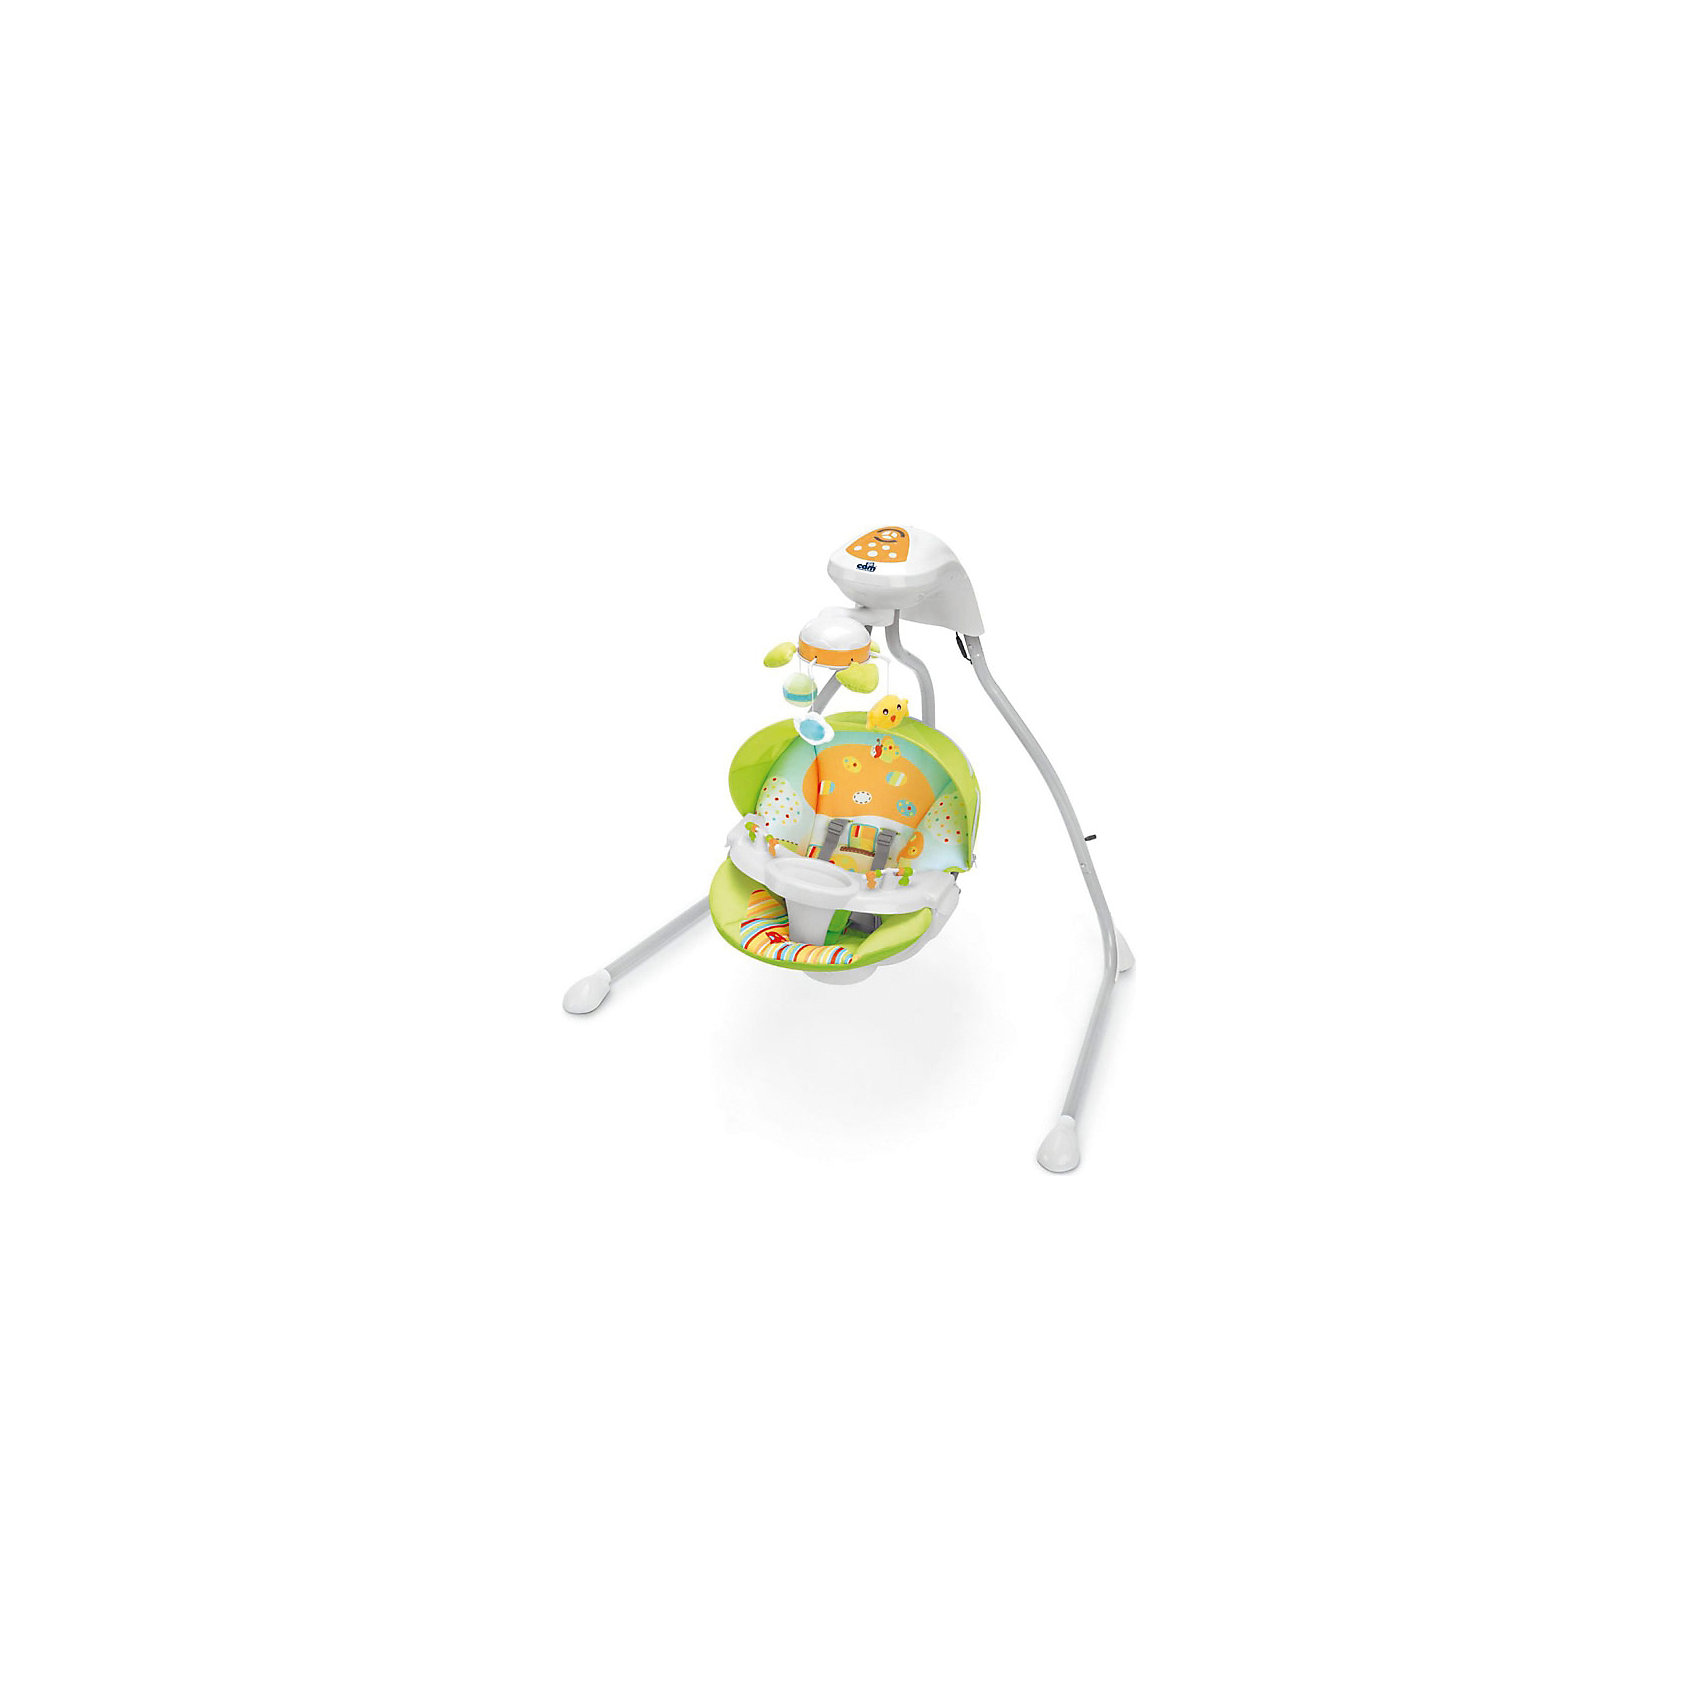 Качели Gironanna, CAM, оранжевый грибКачели электронные<br>Качели Gironanna, CAM, оранжевый гриб обеспечат крепкий сон для вашего малыша. <br>Изготовлены качели из прочного и качественного материала. Для безопасности ребенка предусмотрены пятиточечные ремни безопасности. Ножки оснащены насадками против скольжения. Качели имеют 3 скорости укачивания, с автоматическим выключением через 8-15-30 минут, подвесные игрушки и мелодии для сна (3 колыбельные и 3 мелодии со звуками природы), которые можно регулировать. Спинка сиденья регулируется в 2 положениях. Есть съемный козырек и столик.<br><br>Дополнительная информация:<br><br>- возраст: от 0 <br>- вес ребенка: до 9 кг<br>- размер: 114х78х104 см<br>- вес: 9,1 кг<br>- цвет: оранжевый<br>- материал: пластмасса, металл, текстиль<br><br>Качели Gironanna, CAM, оранжевый гриб можно купить в нашем интернет магазине.<br><br>Ширина мм: 470<br>Глубина мм: 320<br>Высота мм: 605<br>Вес г: 10800<br>Возраст от месяцев: 0<br>Возраст до месяцев: 8<br>Пол: Унисекс<br>Возраст: Детский<br>SKU: 5013498